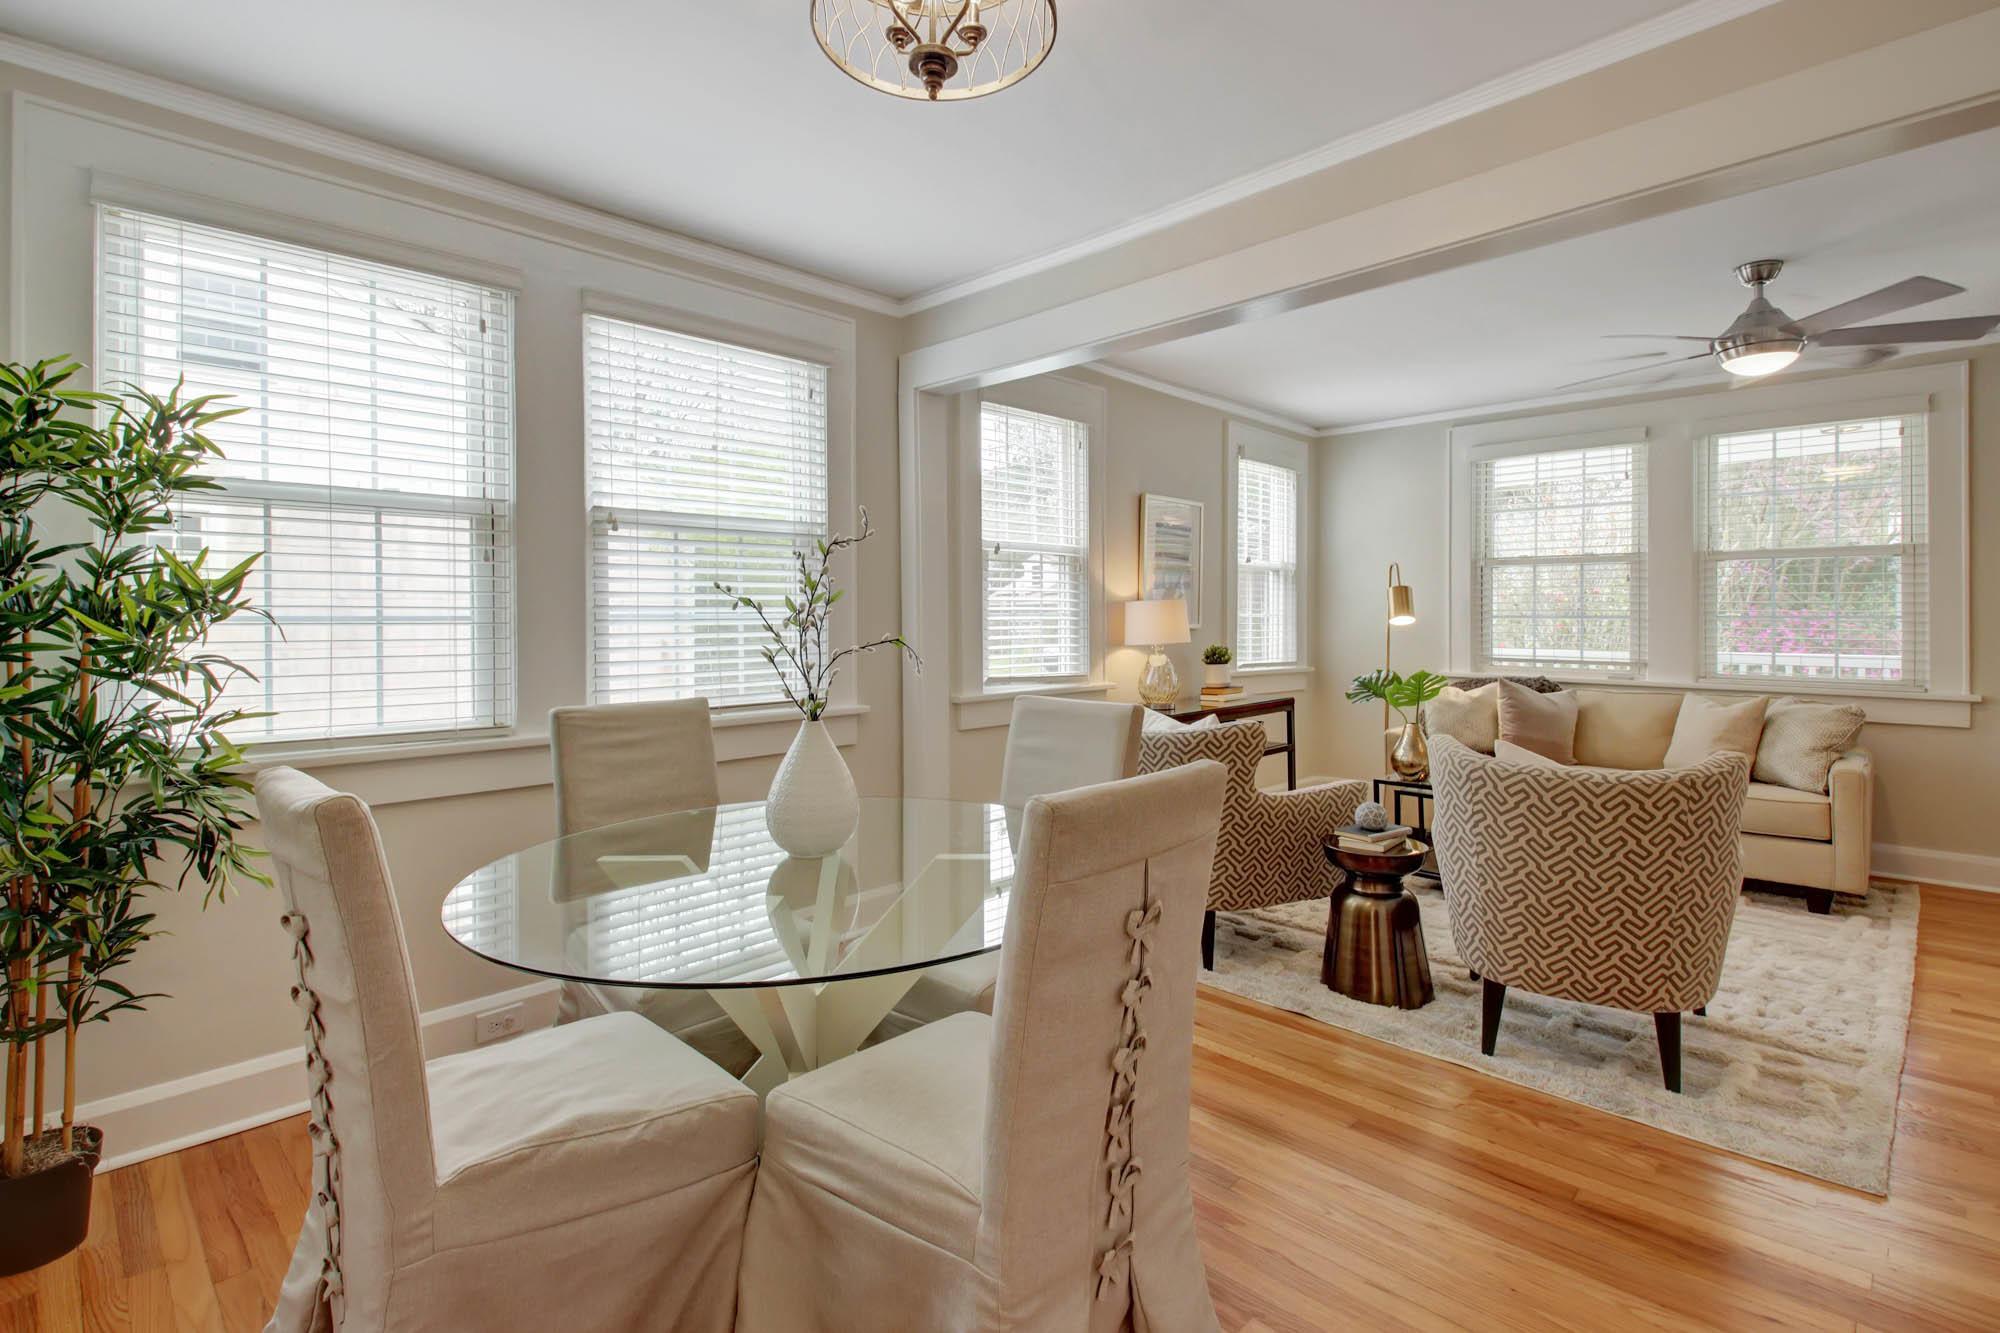 Avondale Homes For Sale - 57 Avondale, Charleston, SC - 22